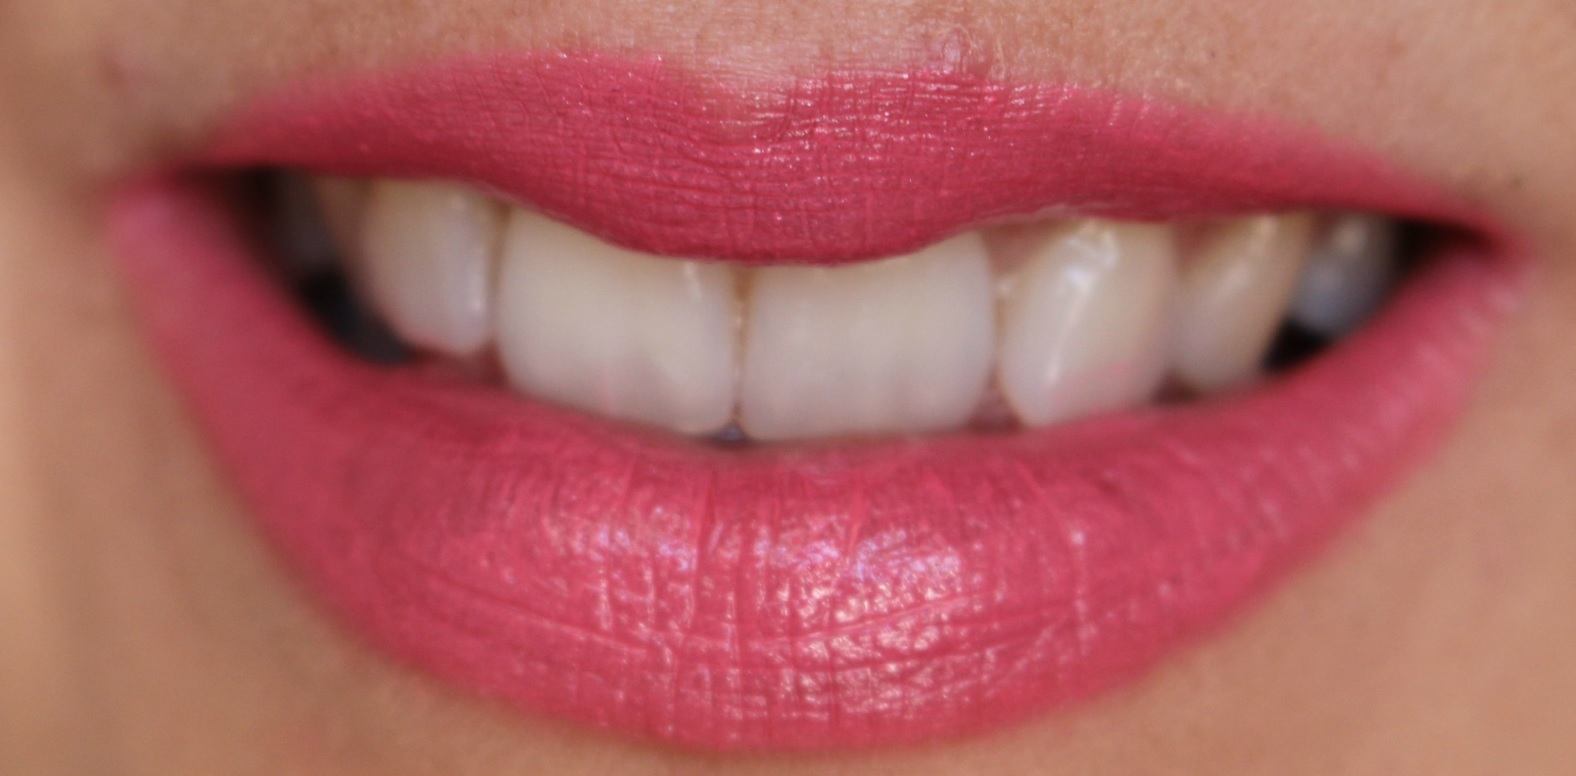 Germaine de Capuccini lipstick Smile